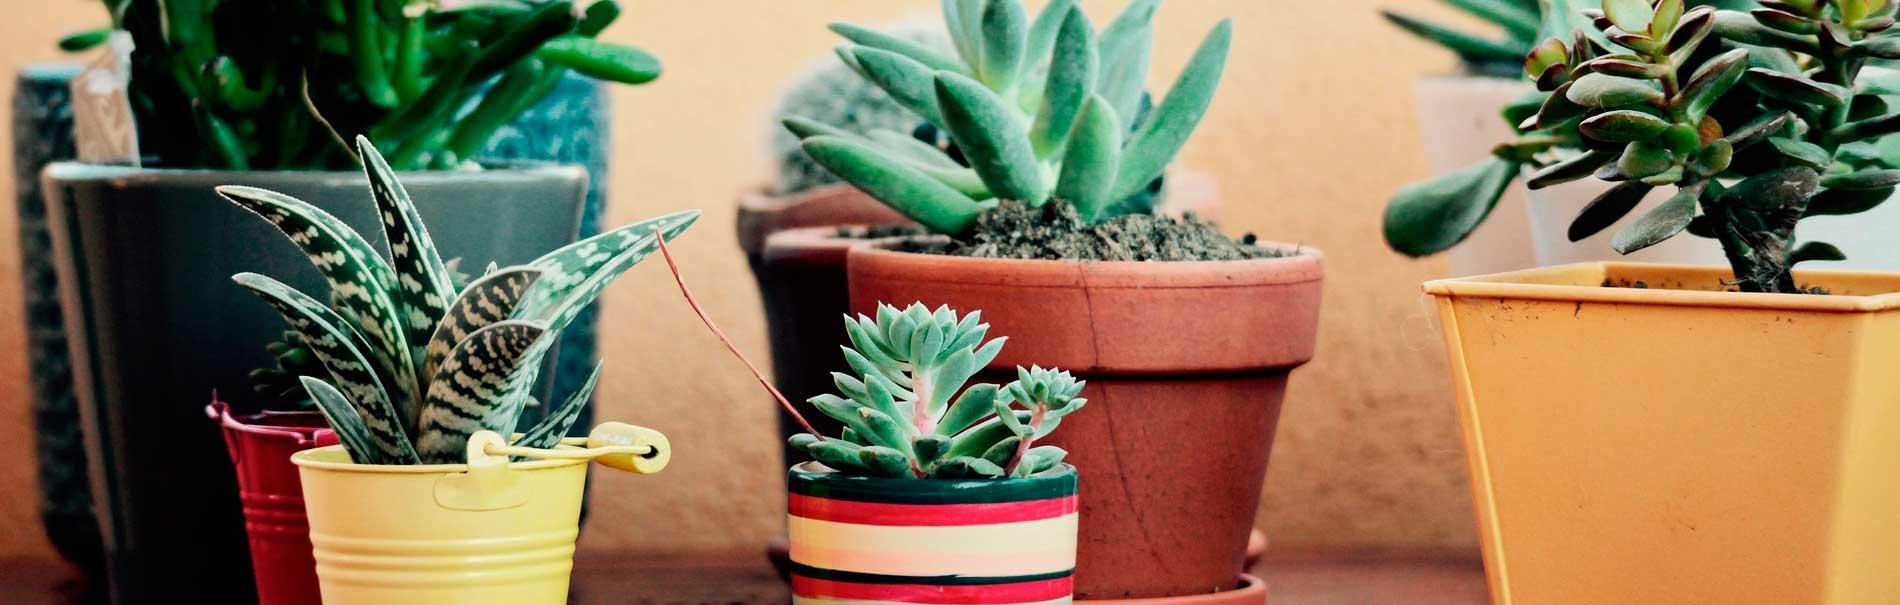 macetas-de-jardin decoracion diez